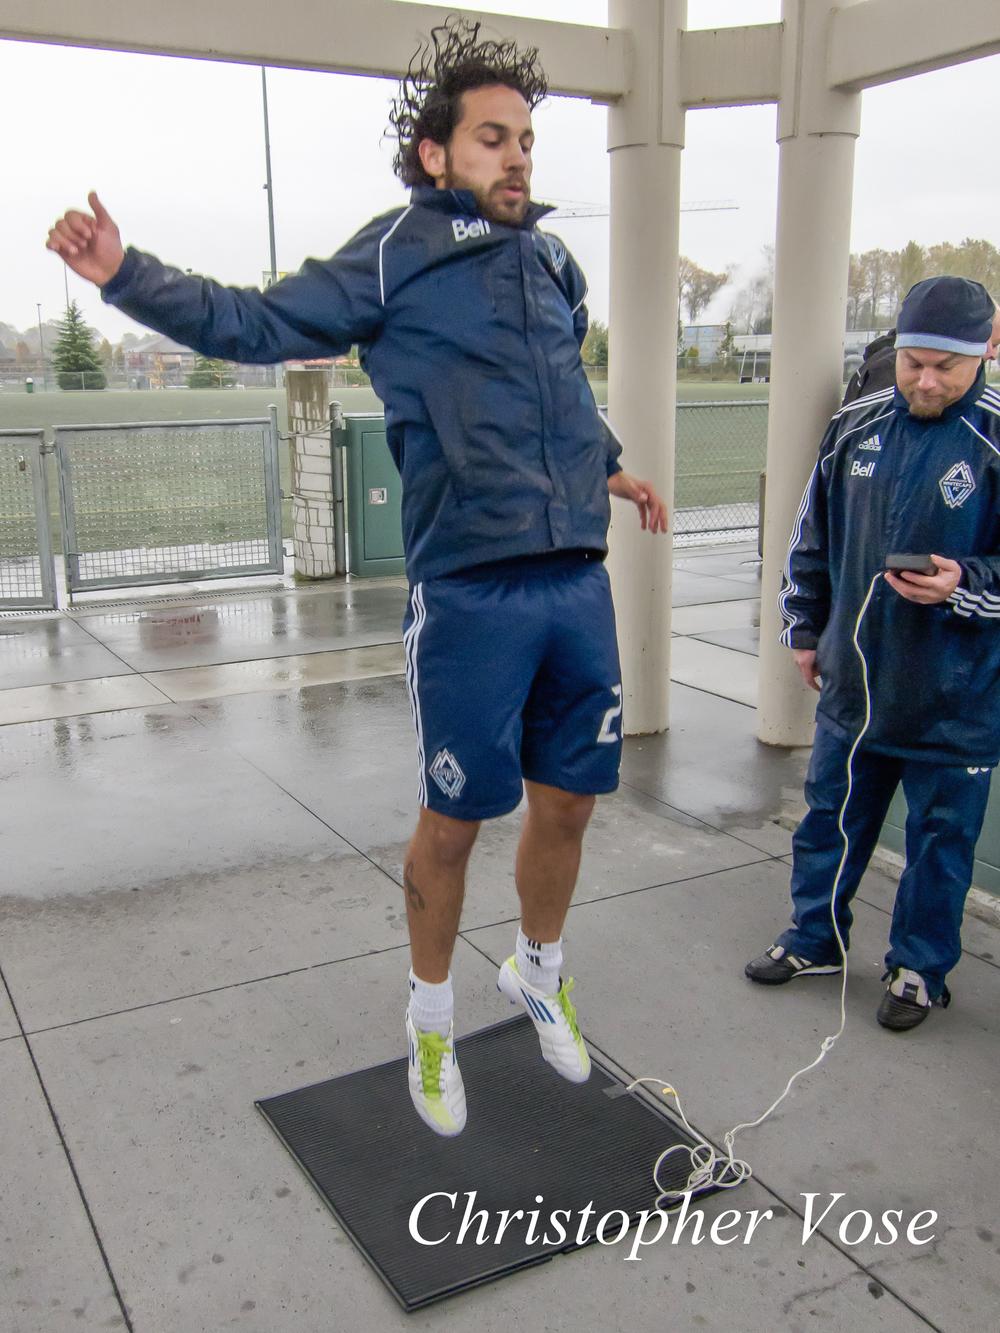 2011-11-07 Davide Chiumiento Vertical Jump Test.jpg